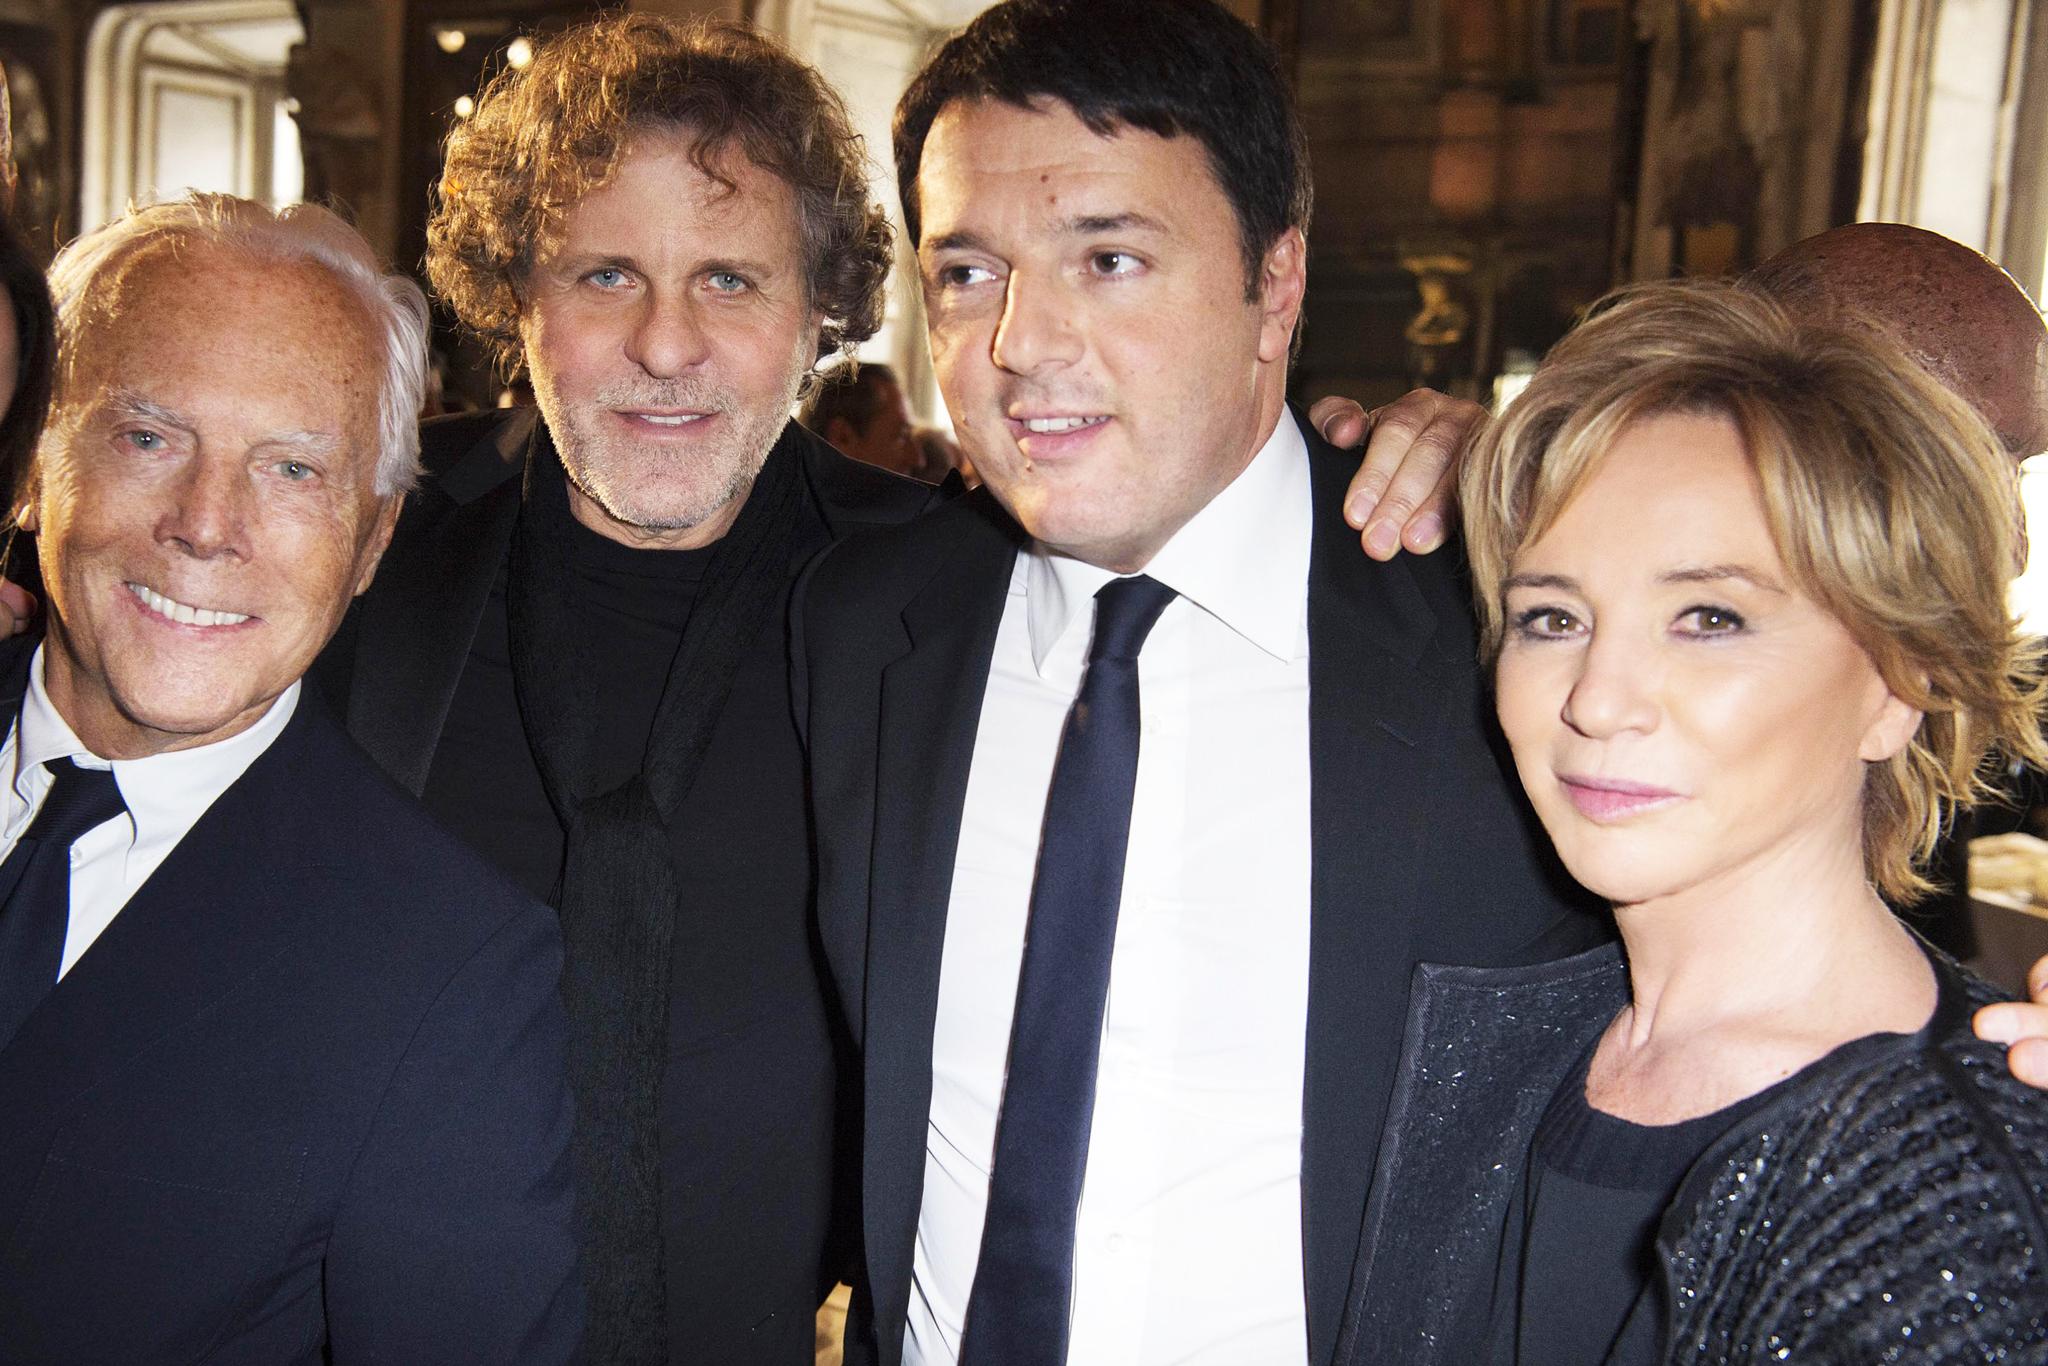 Giorgio Armani, Renzo Rosso, Matteo Renzi and Alberta Ferretti.